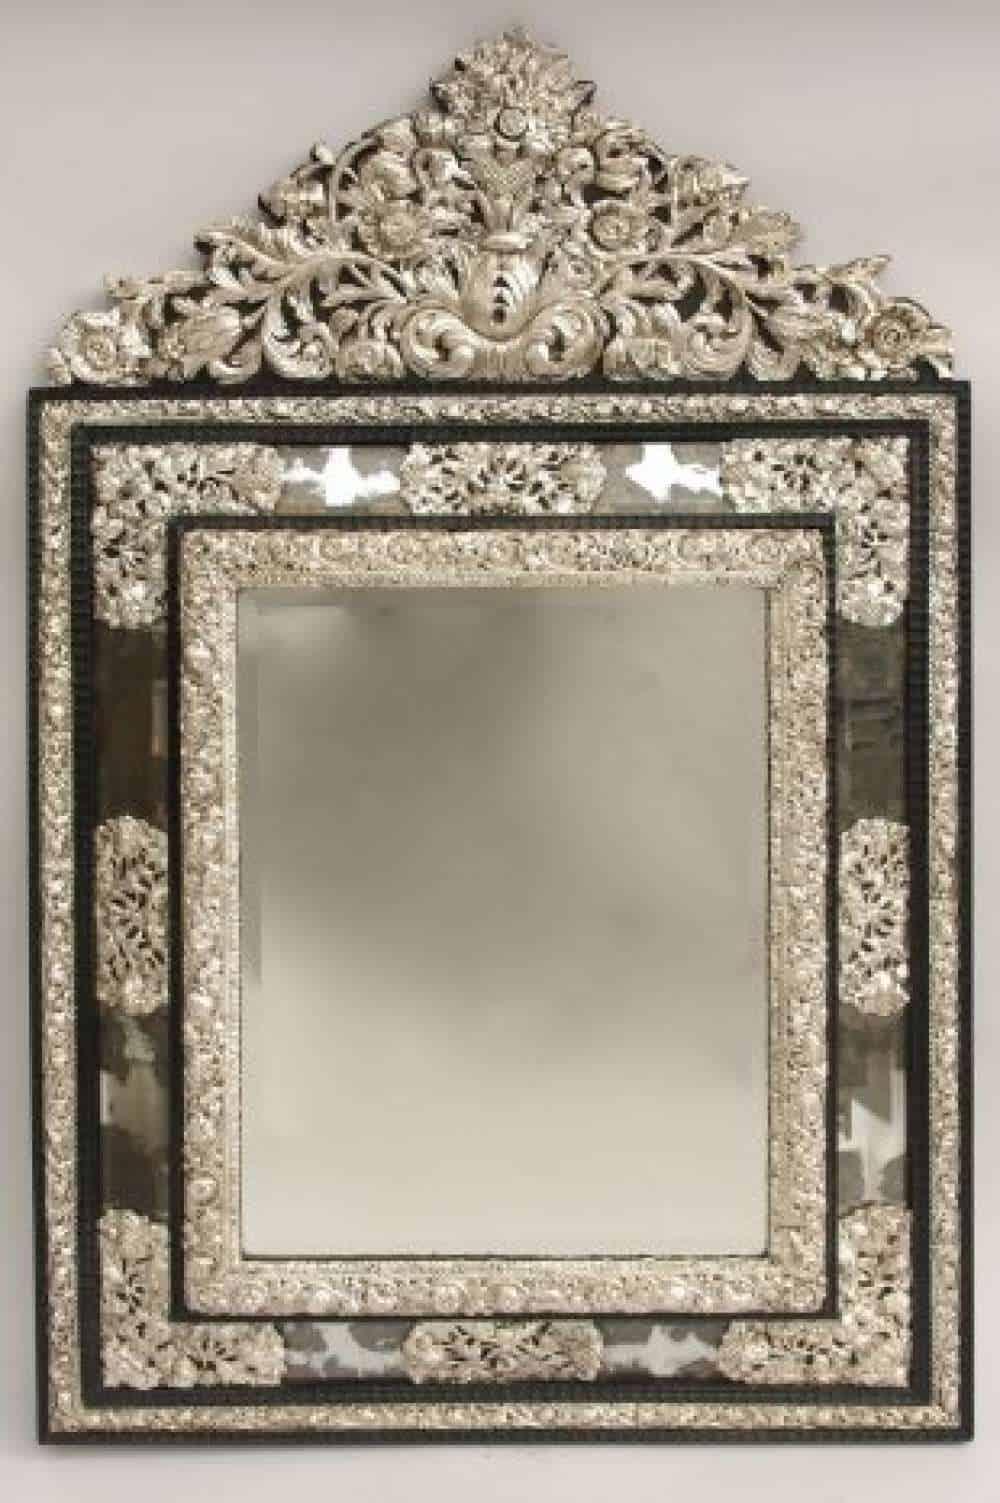 le march biron grand miroir pareclose de style louis xiv en laiton argent repouss dans le. Black Bedroom Furniture Sets. Home Design Ideas